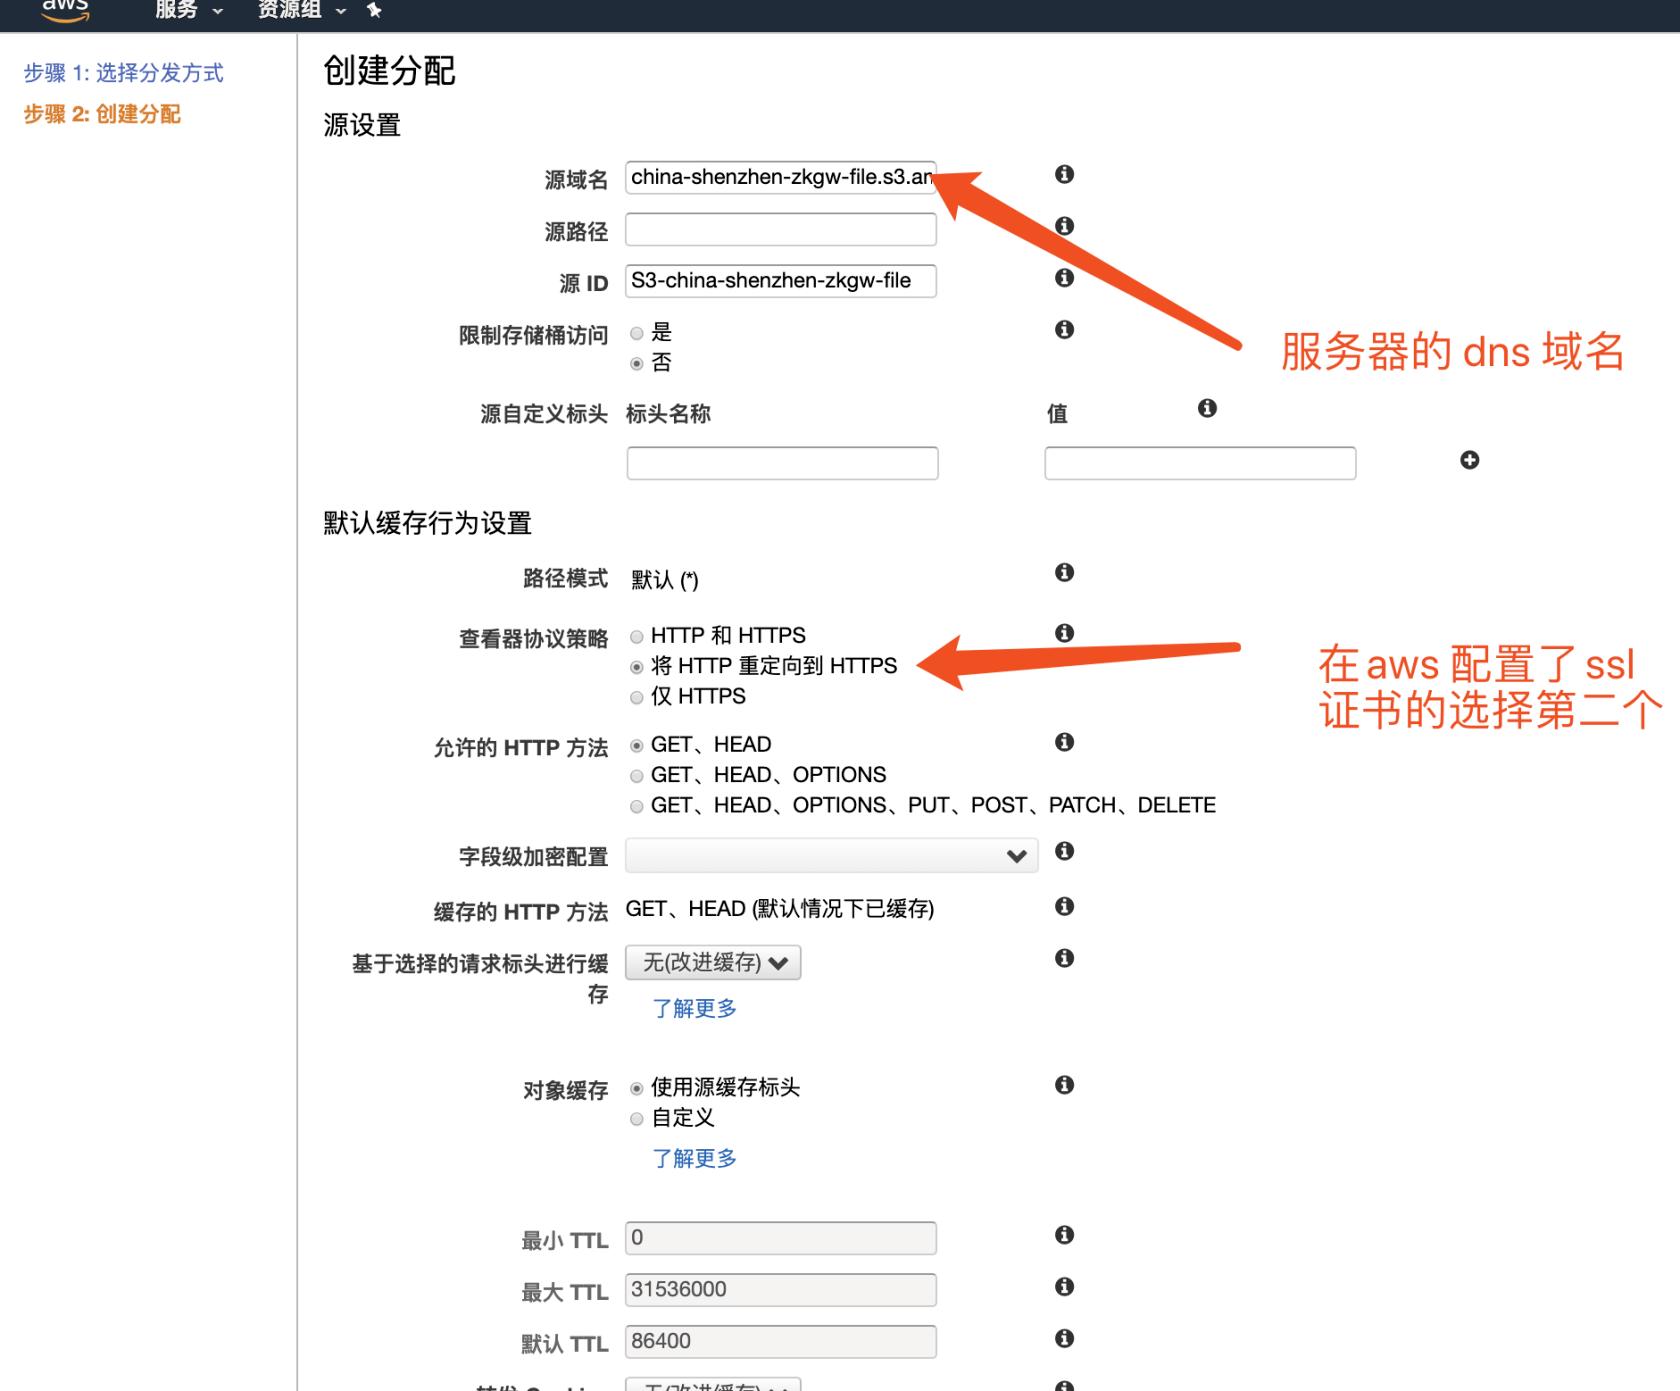 如何使用 aws 的 CloudFront(全球分发网络)服务助力企业网站海外访问加速